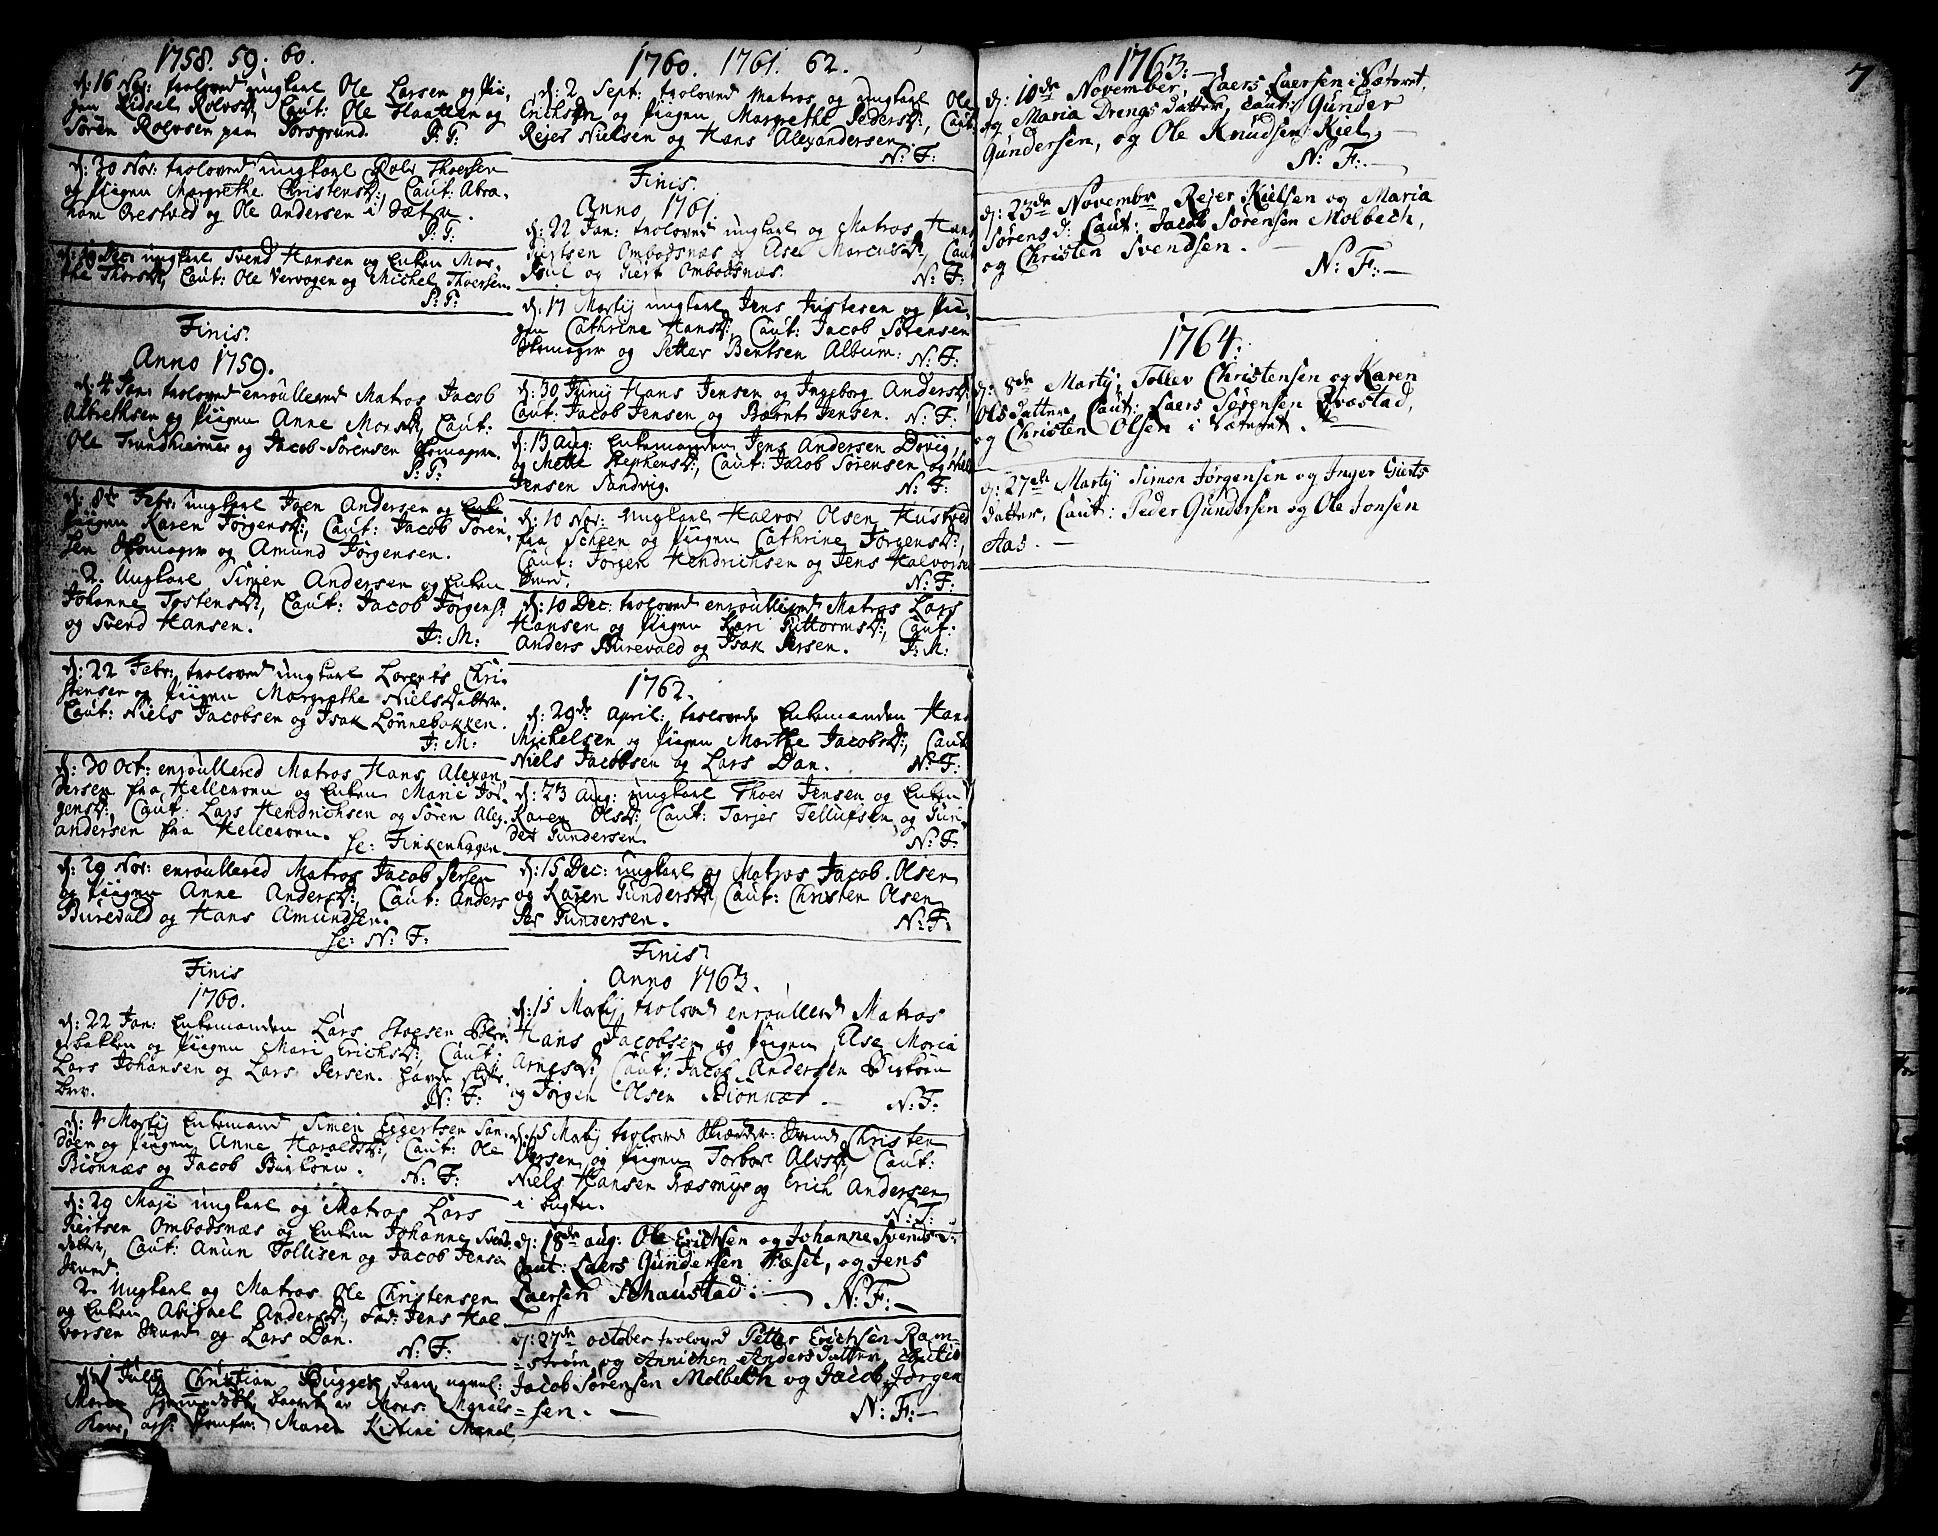 SAKO, Brevik kirkebøker, F/Fa/L0002: Ministerialbok nr. 2, 1720-1764, s. 7